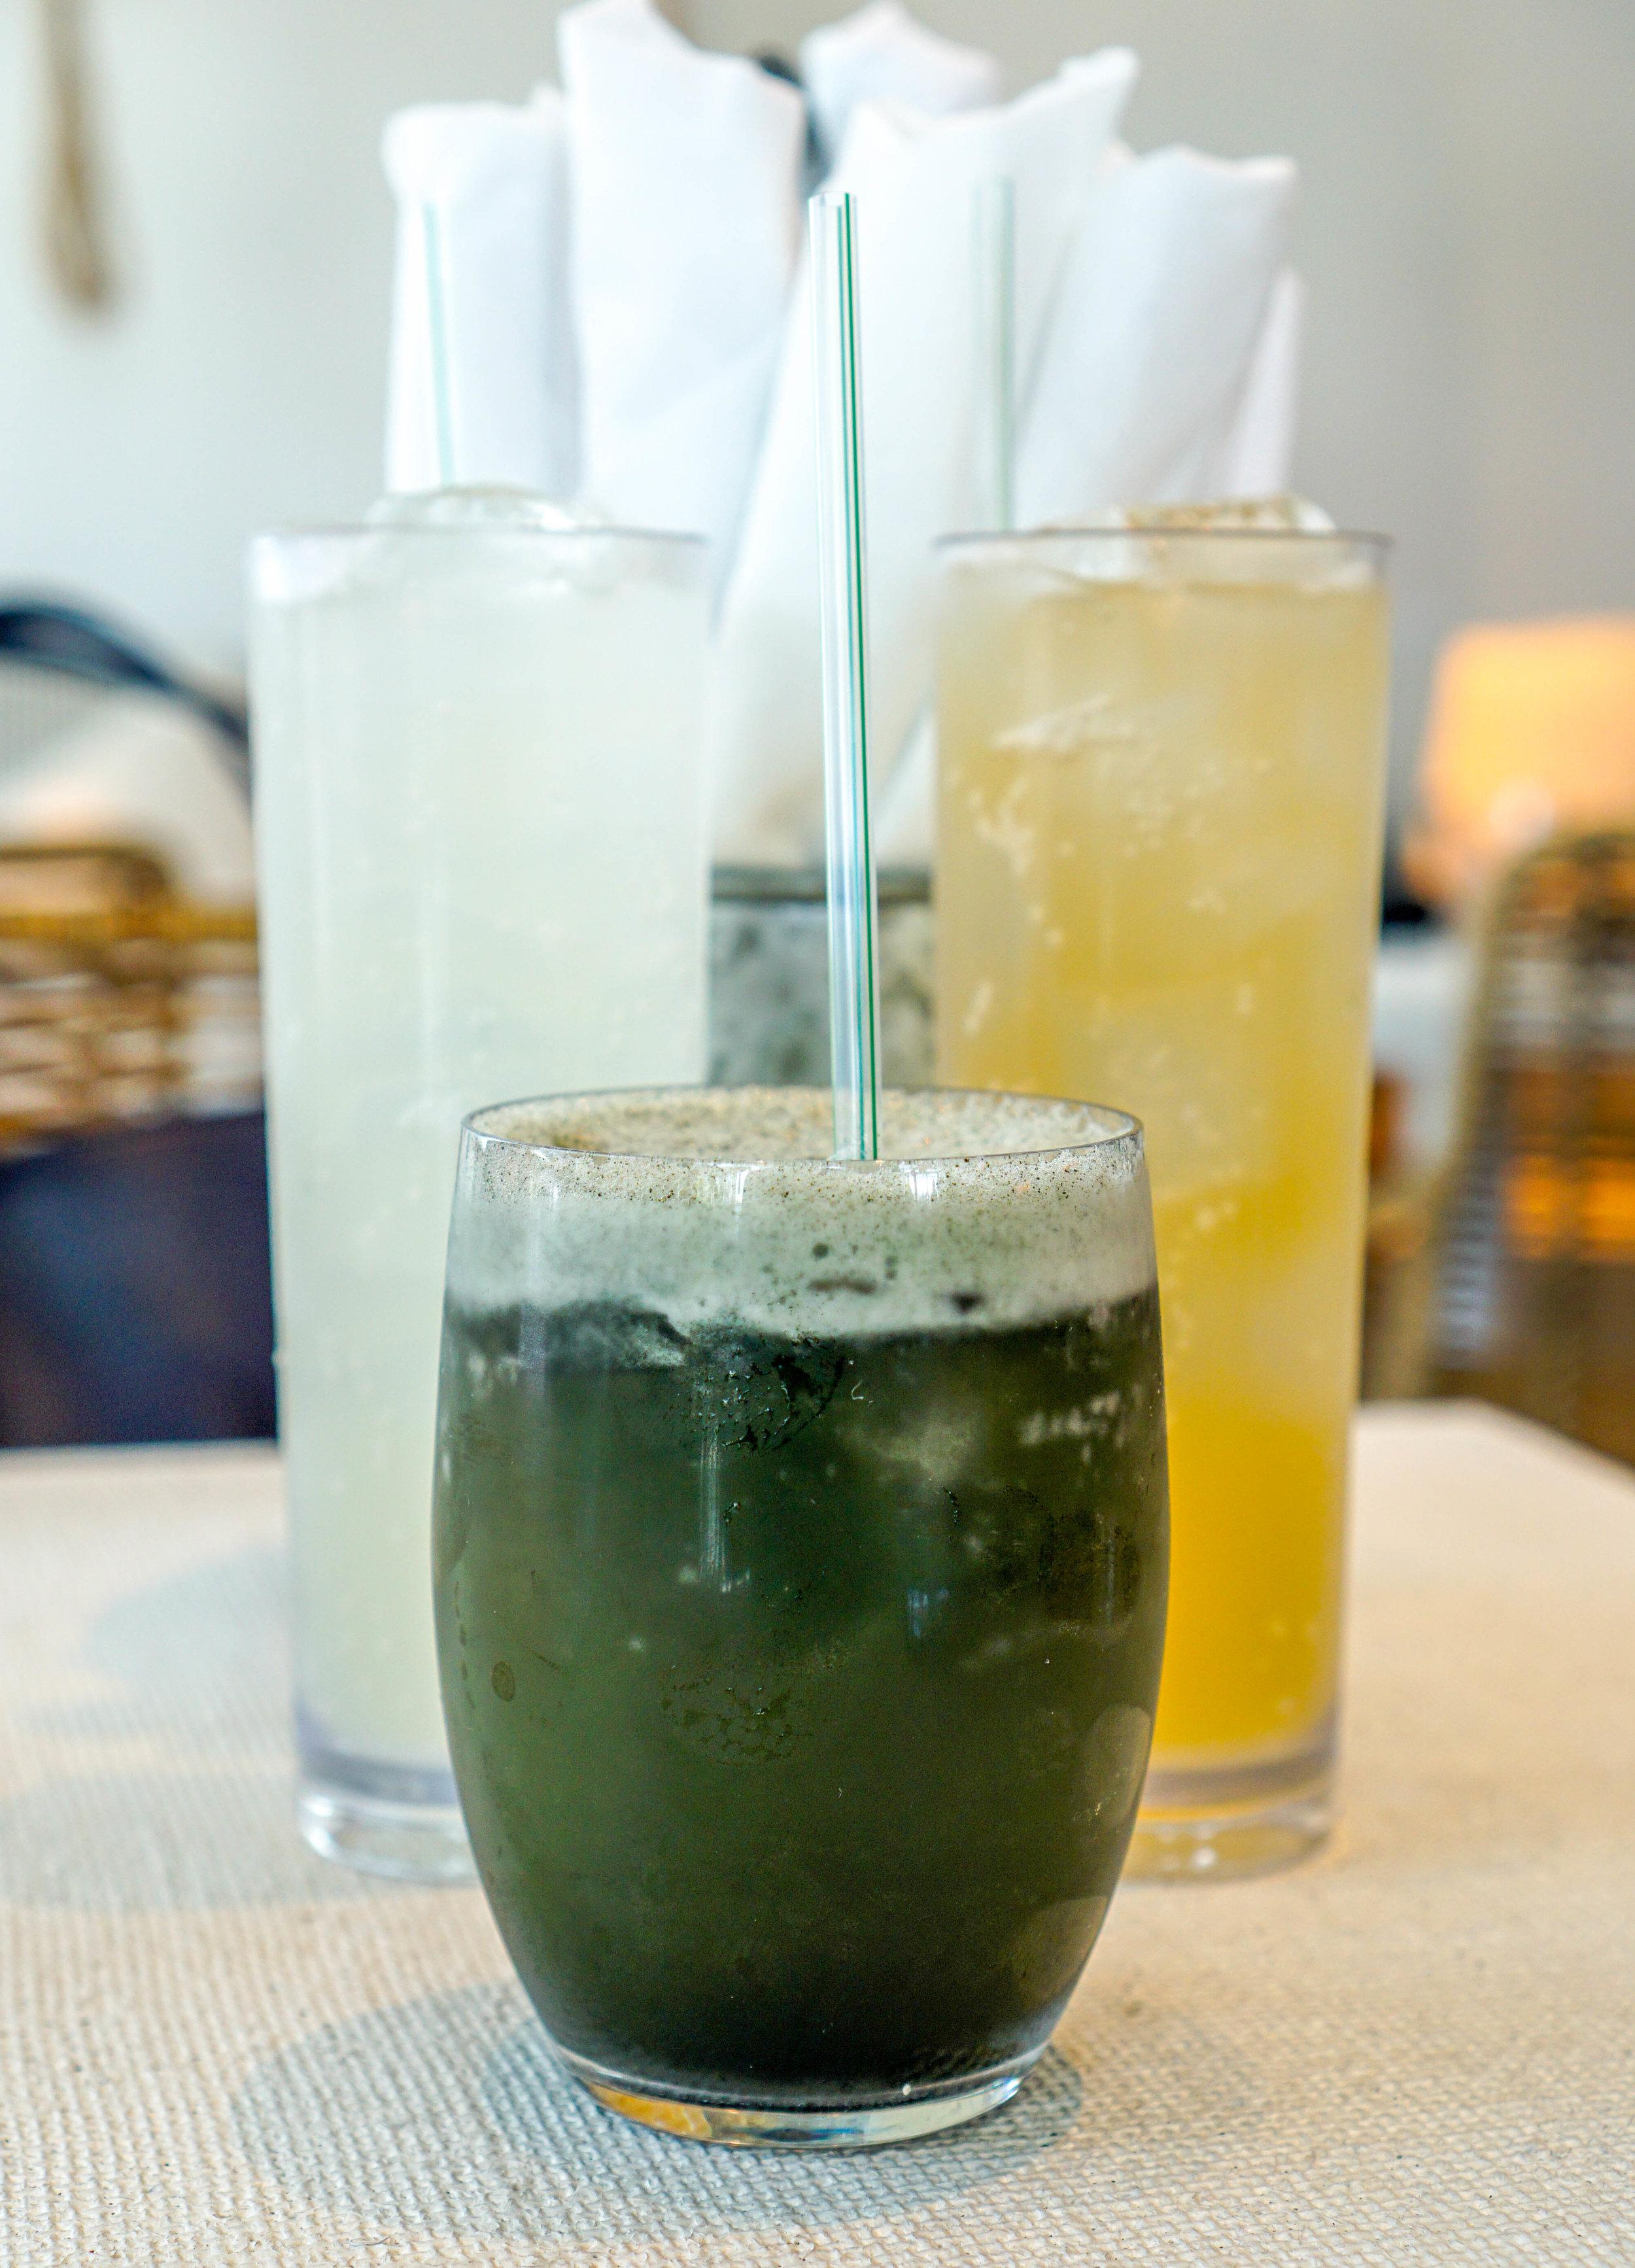 Plnthouse 1 Hotel drinks